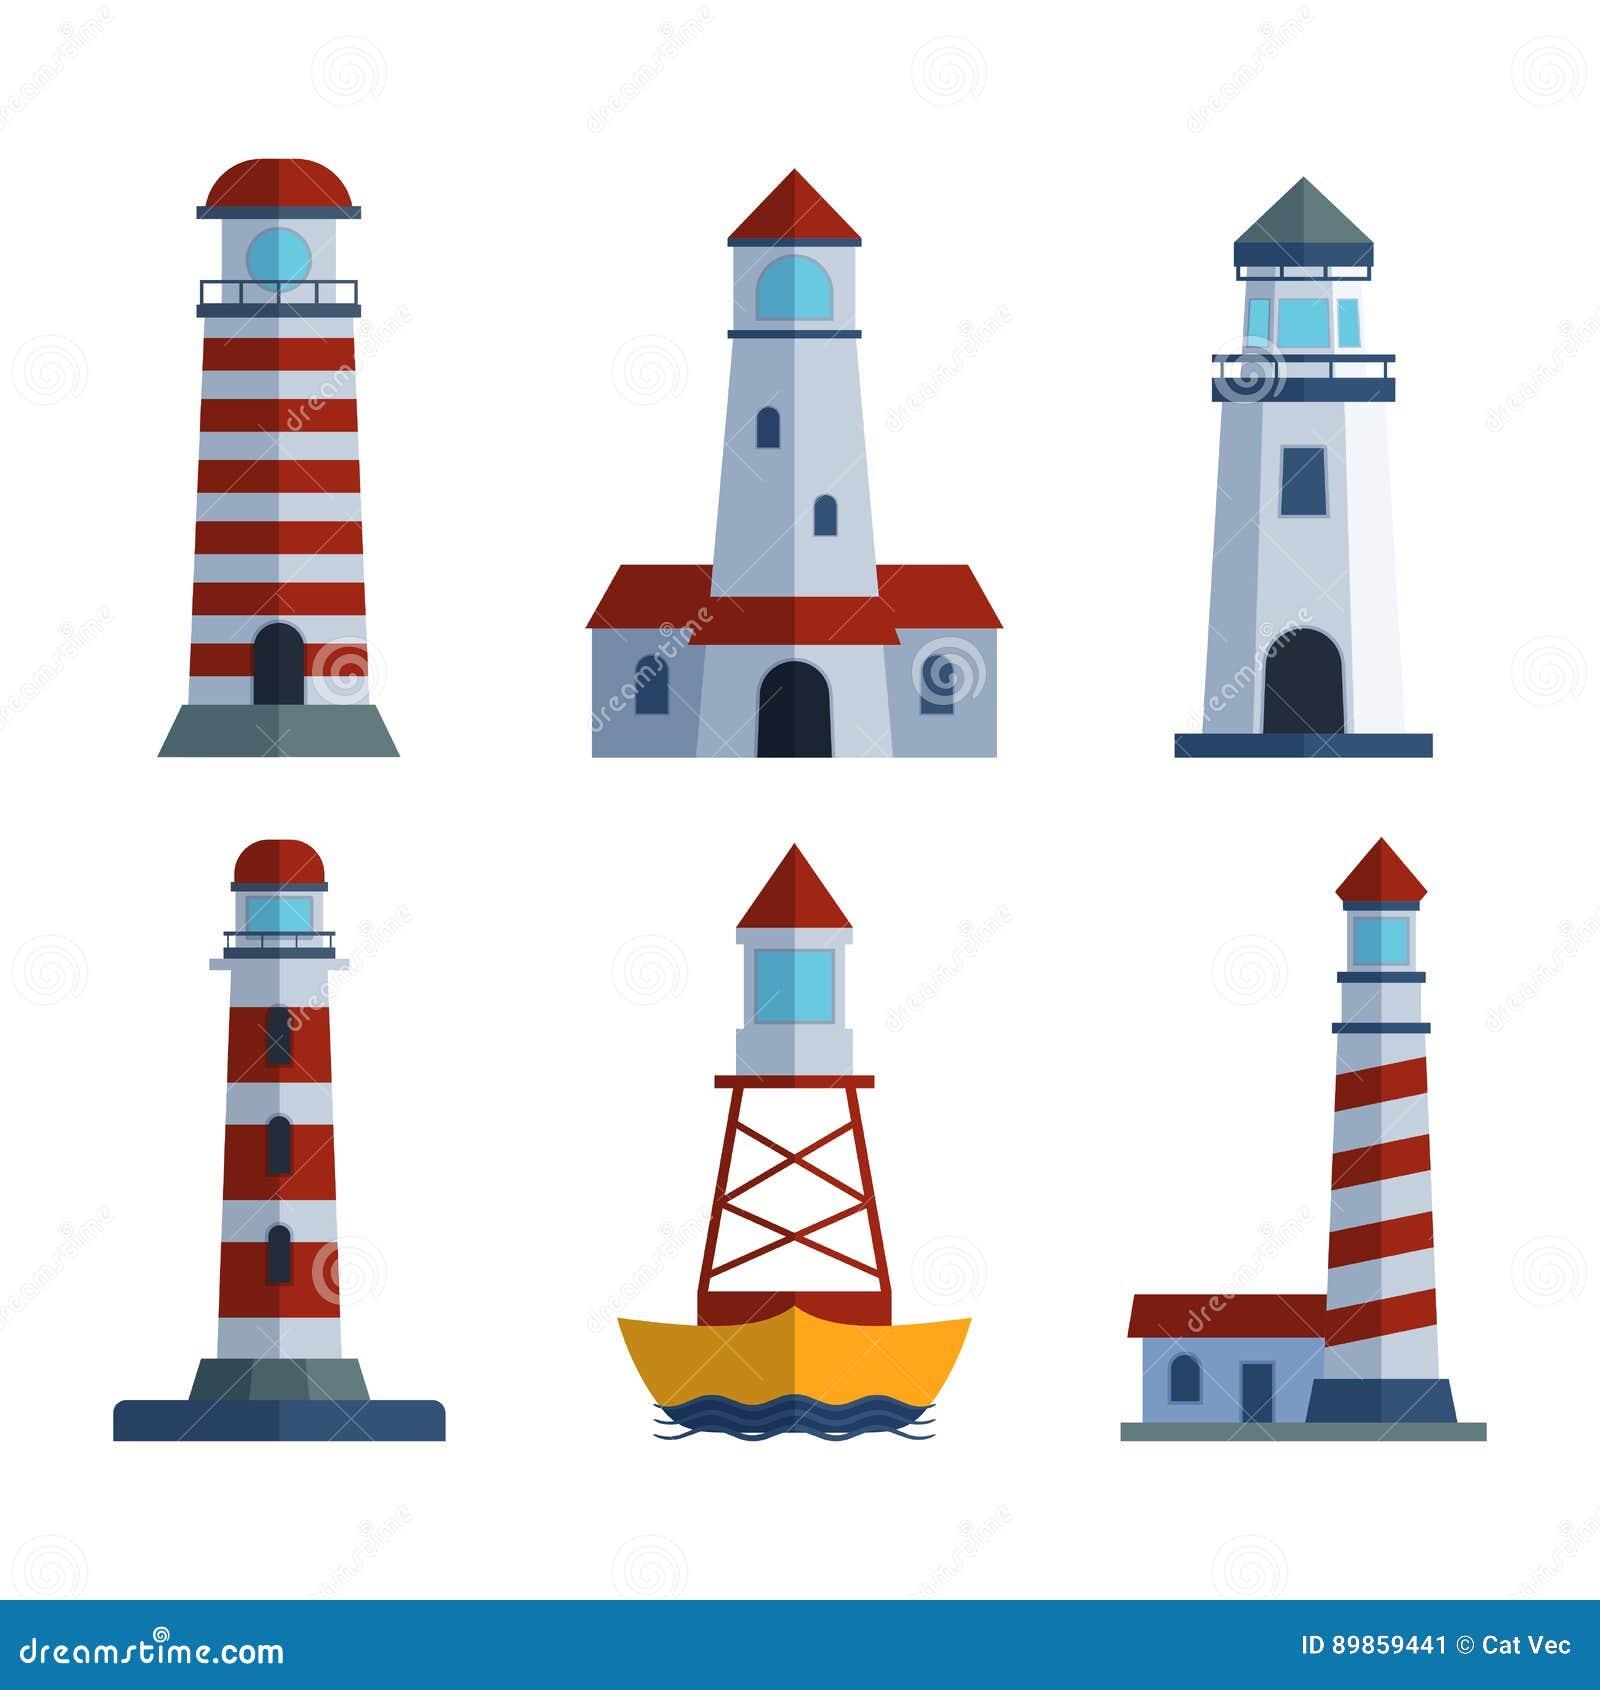 torre lisa do holofote do farol dos desenhos animados para a